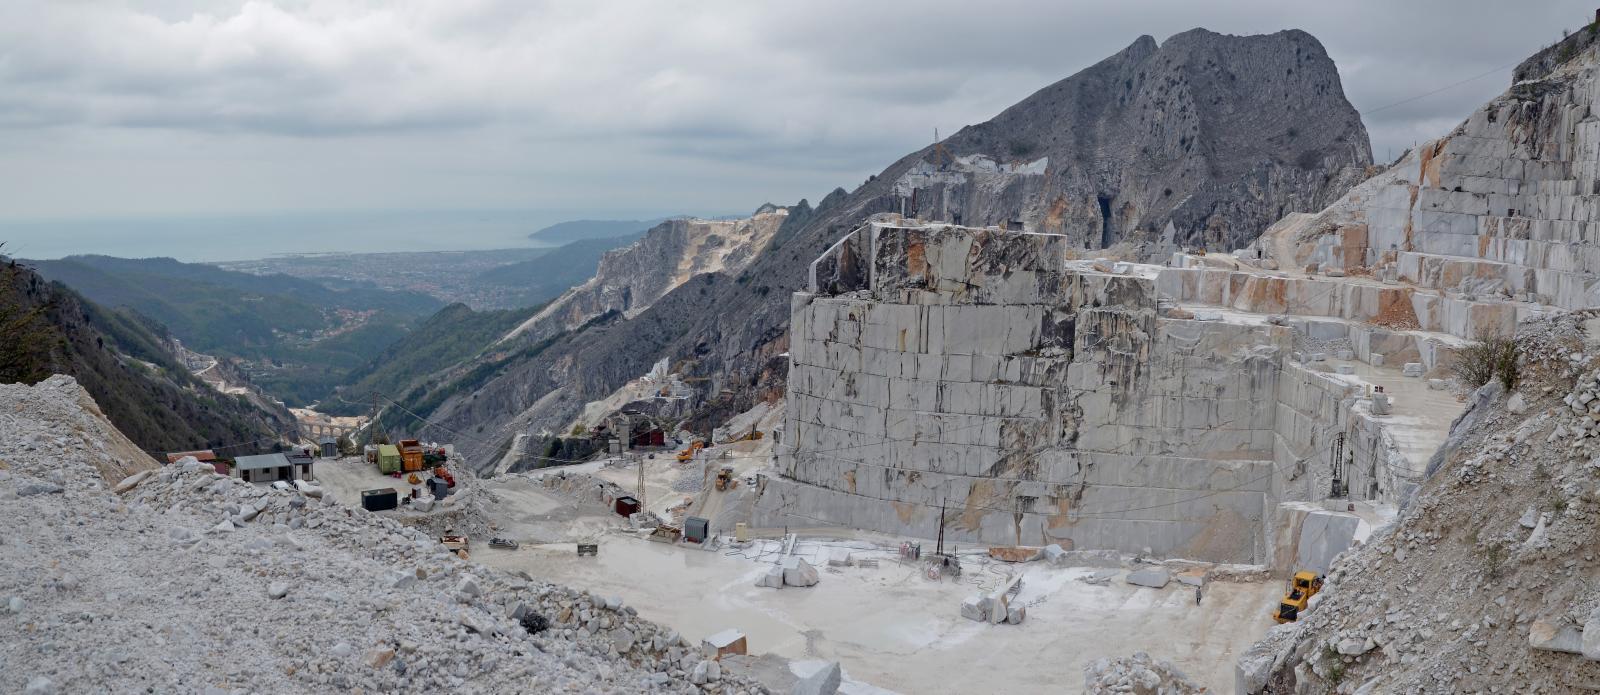 De bergketen Alpi Apuane bekend voor de Carrara marmer